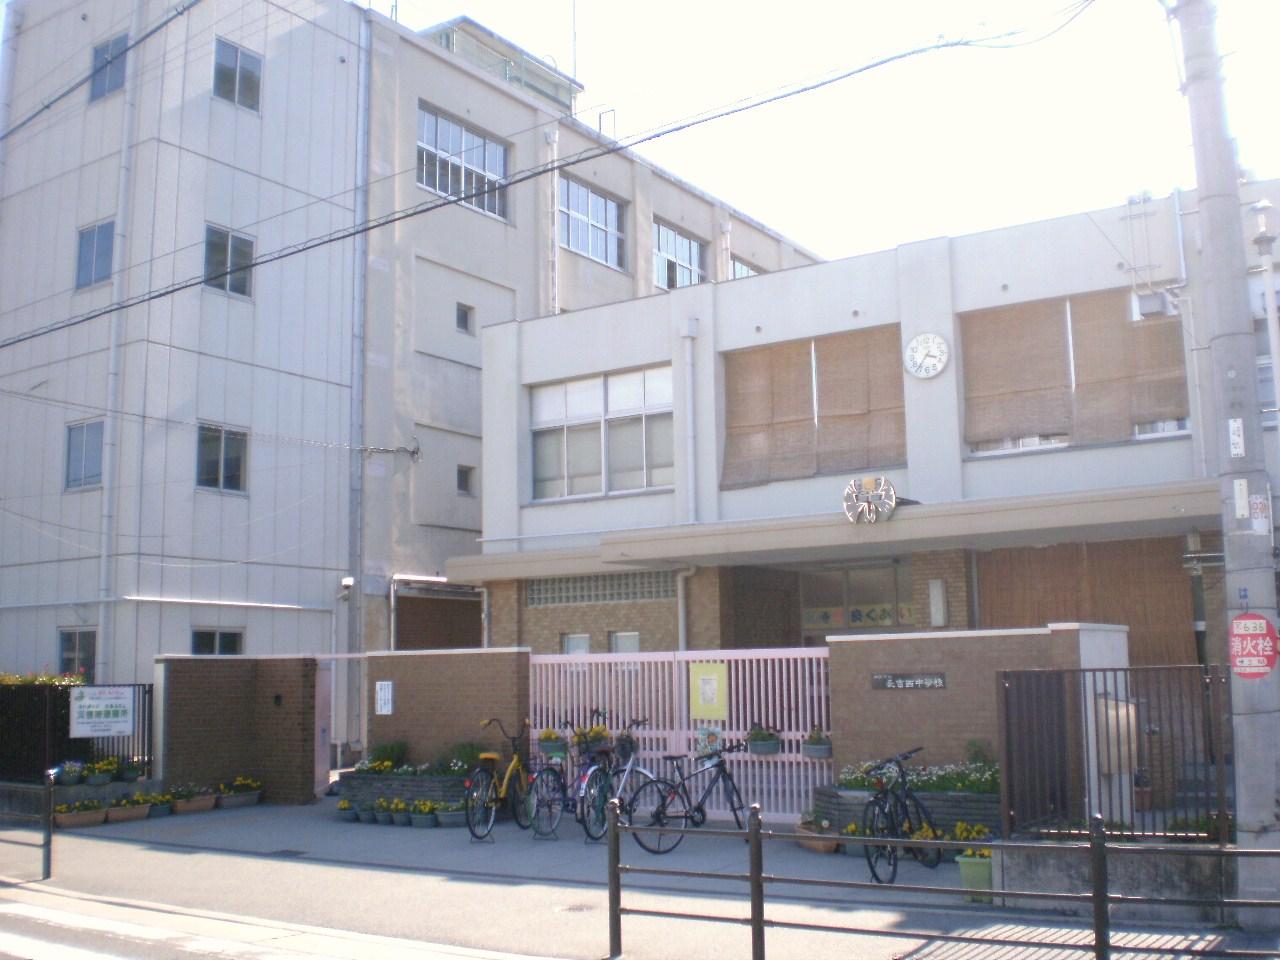 中学校 大阪市立長吉西中学校(中学校)まで1151m